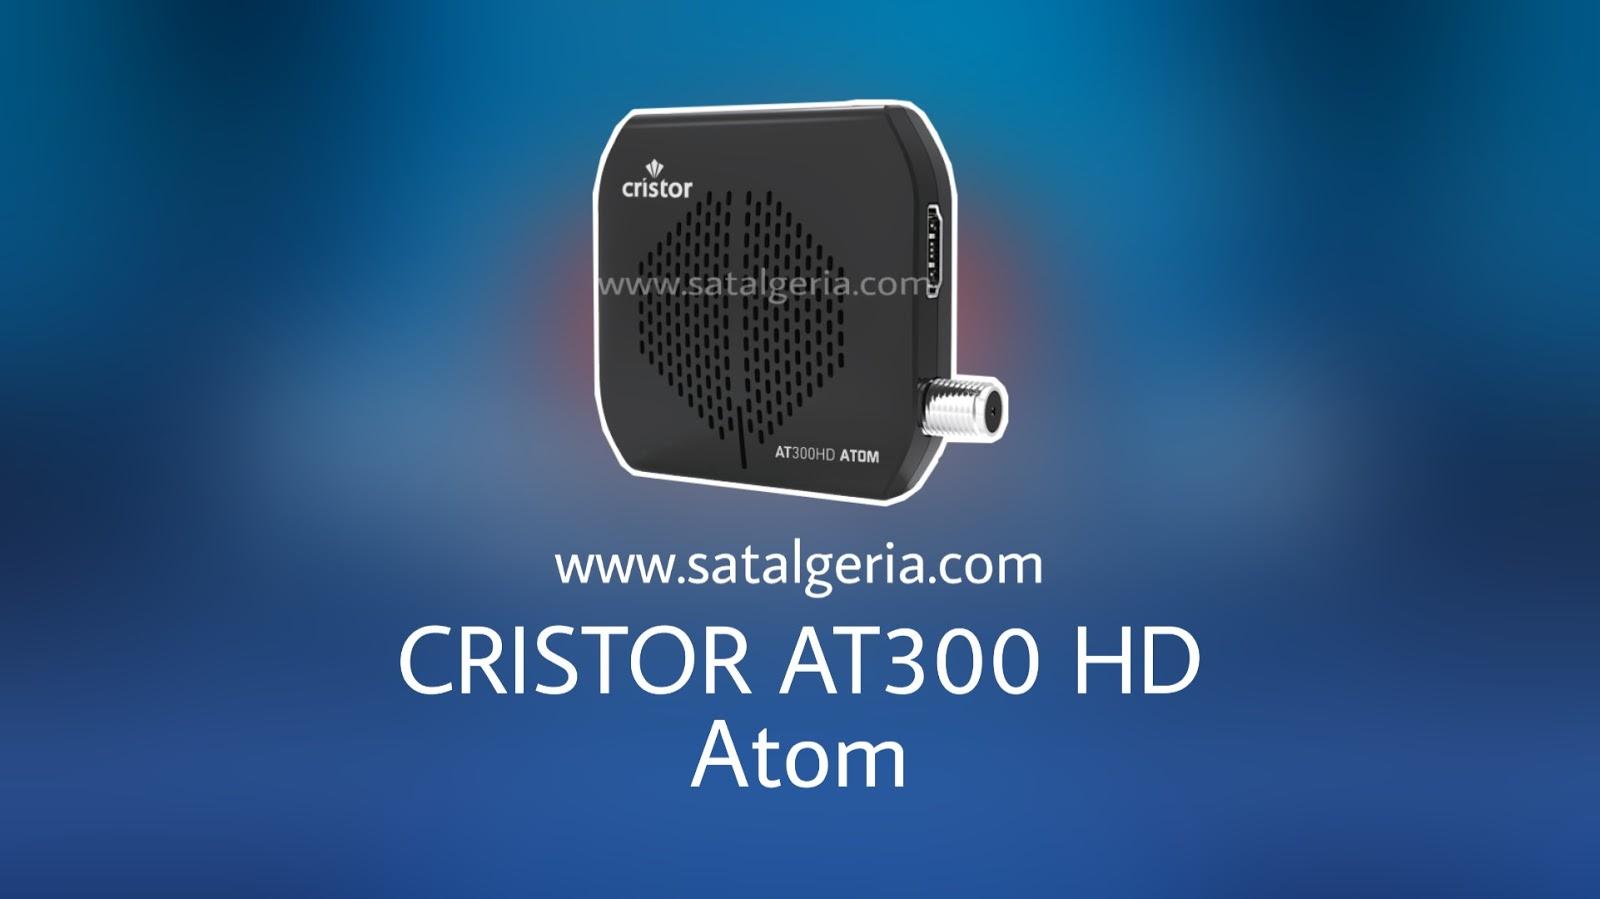 تعرف على الجهاز الجديد cristor AT300 HD Atom من شركة كريستور